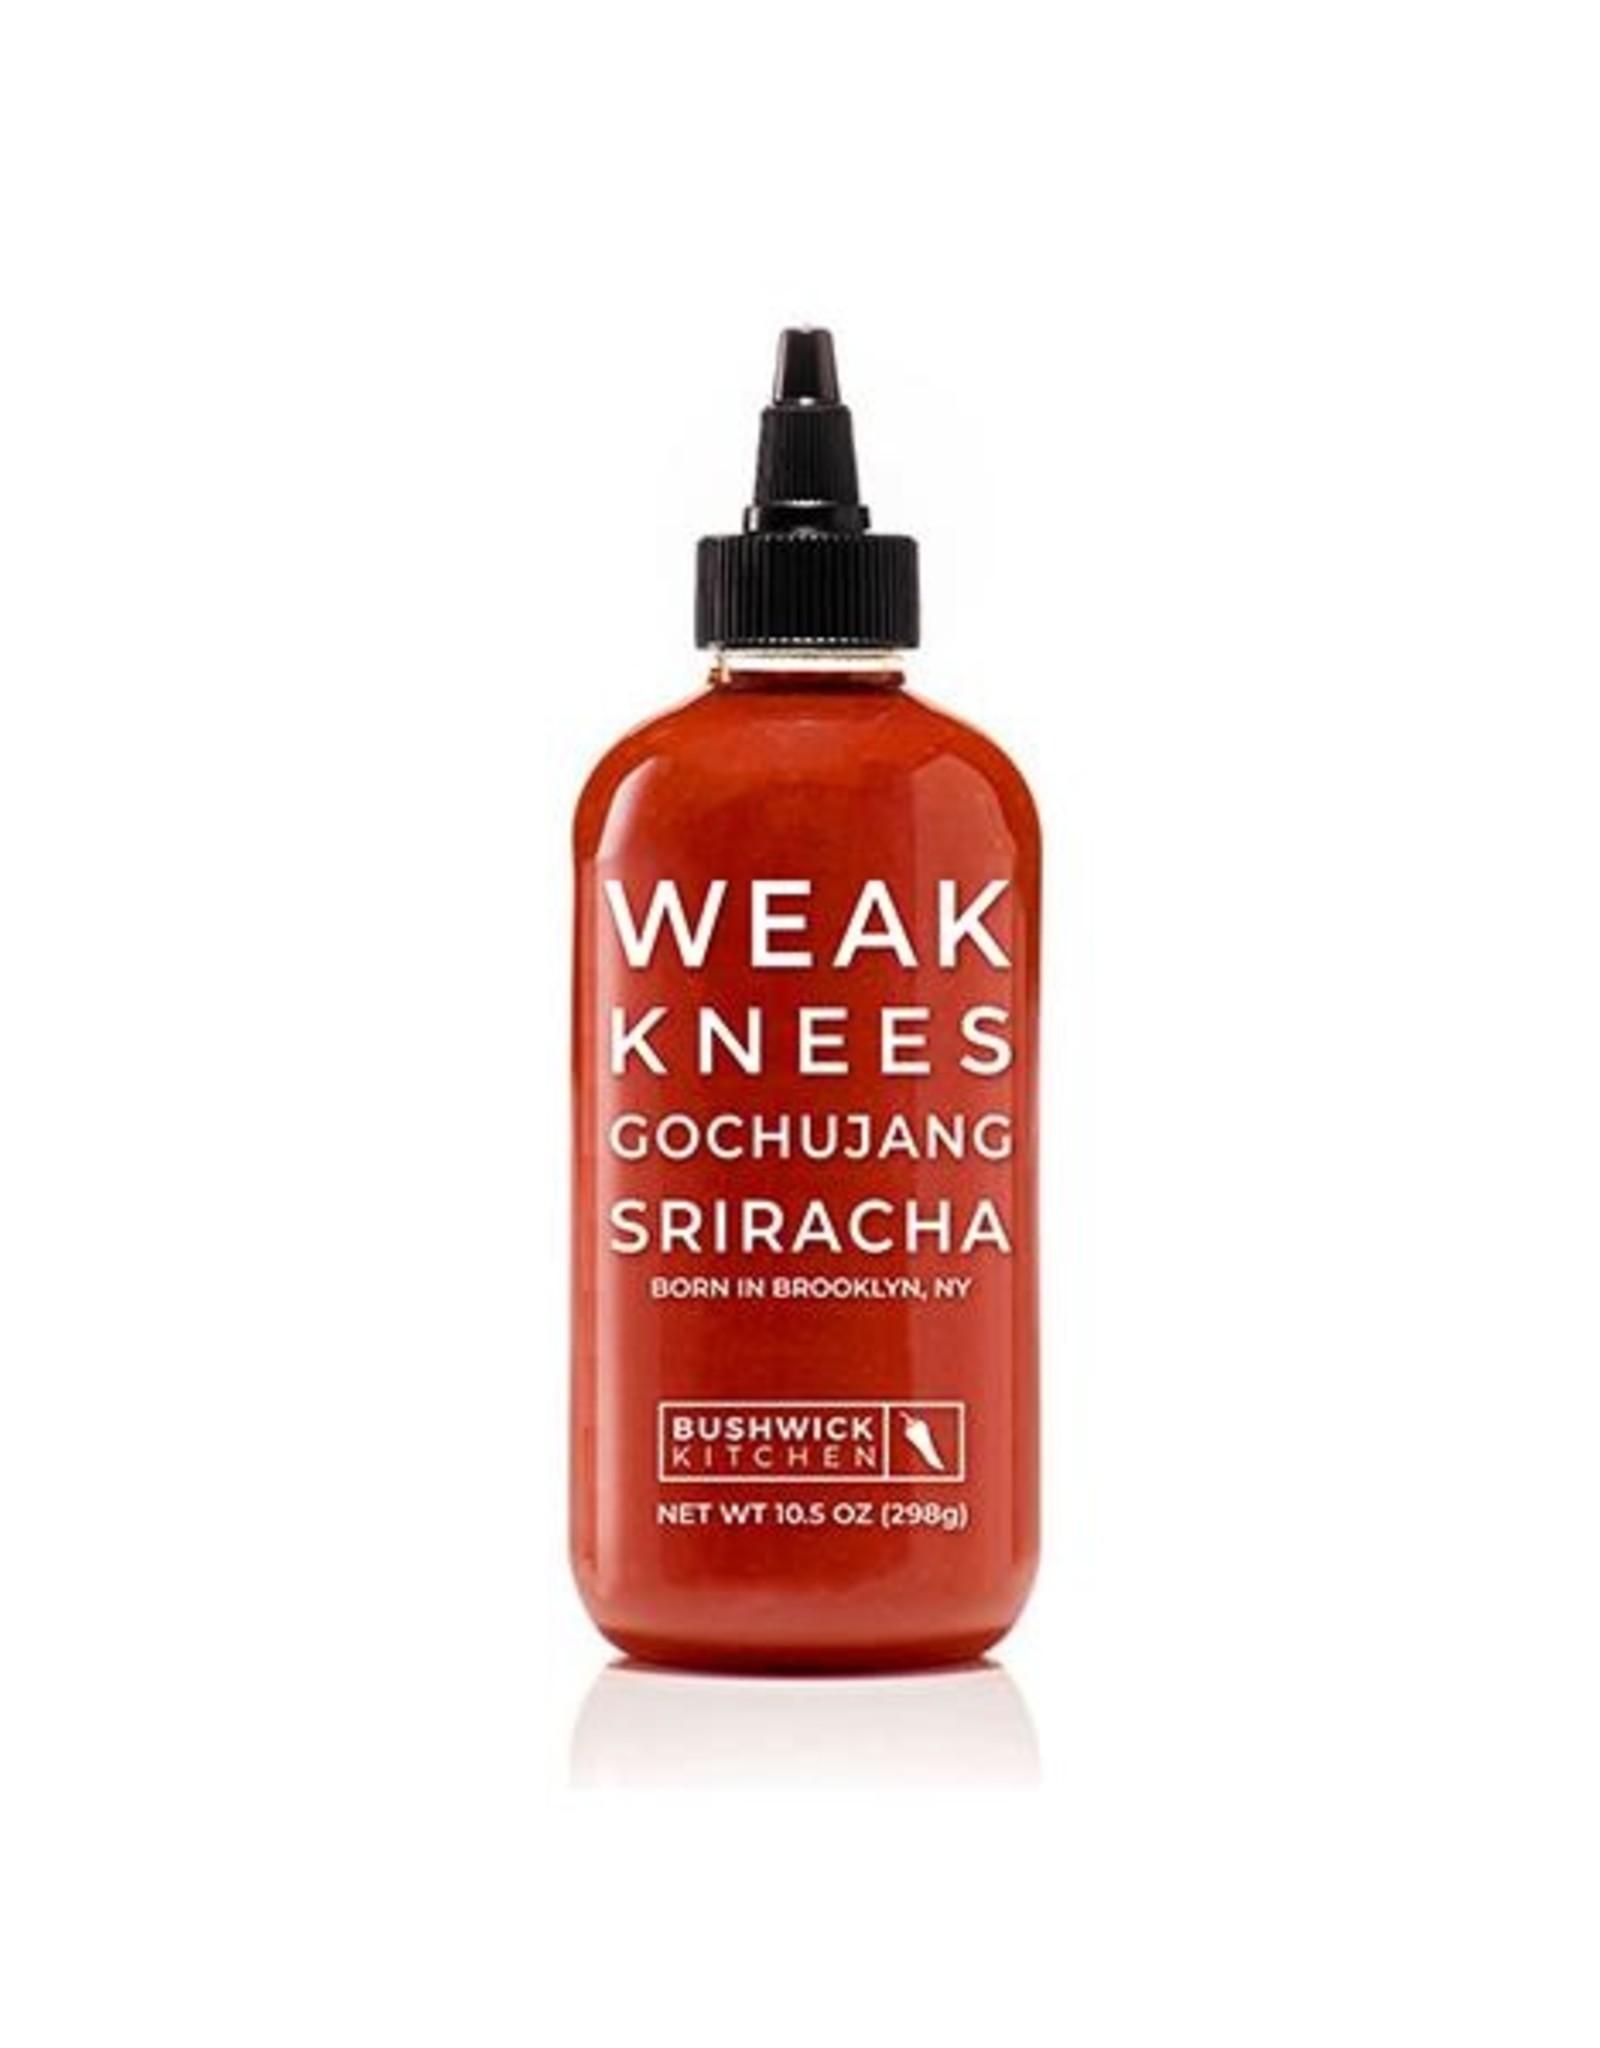 Bushwick Kitchen Bushwick Kitchen Weak Knees Gochujang Sriracha